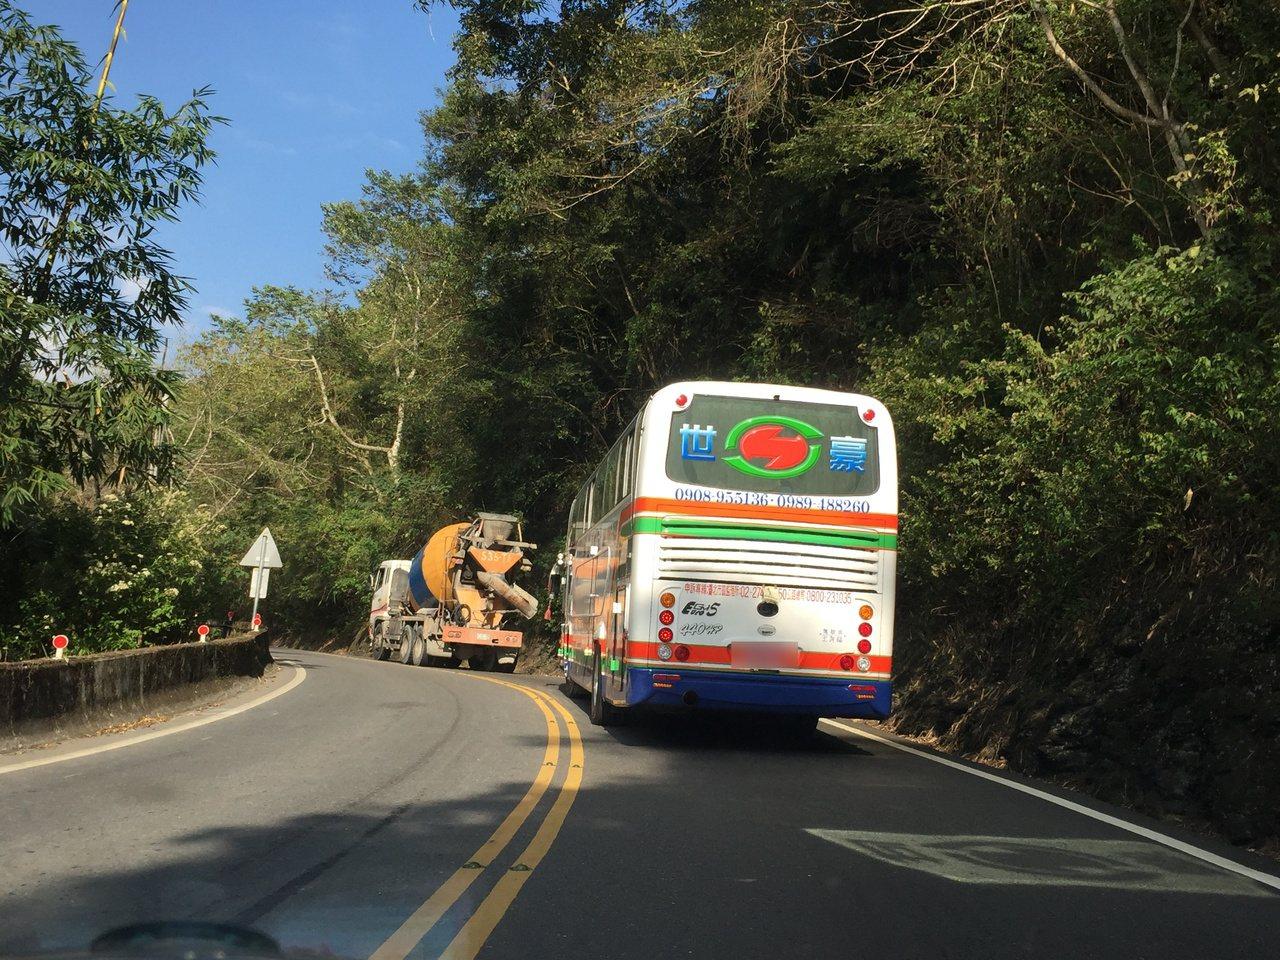 遊覽車是清境地區旅遊重要交通工具,當地居民和觀光業者擔心限制車種,將嚴重衝擊觀光...